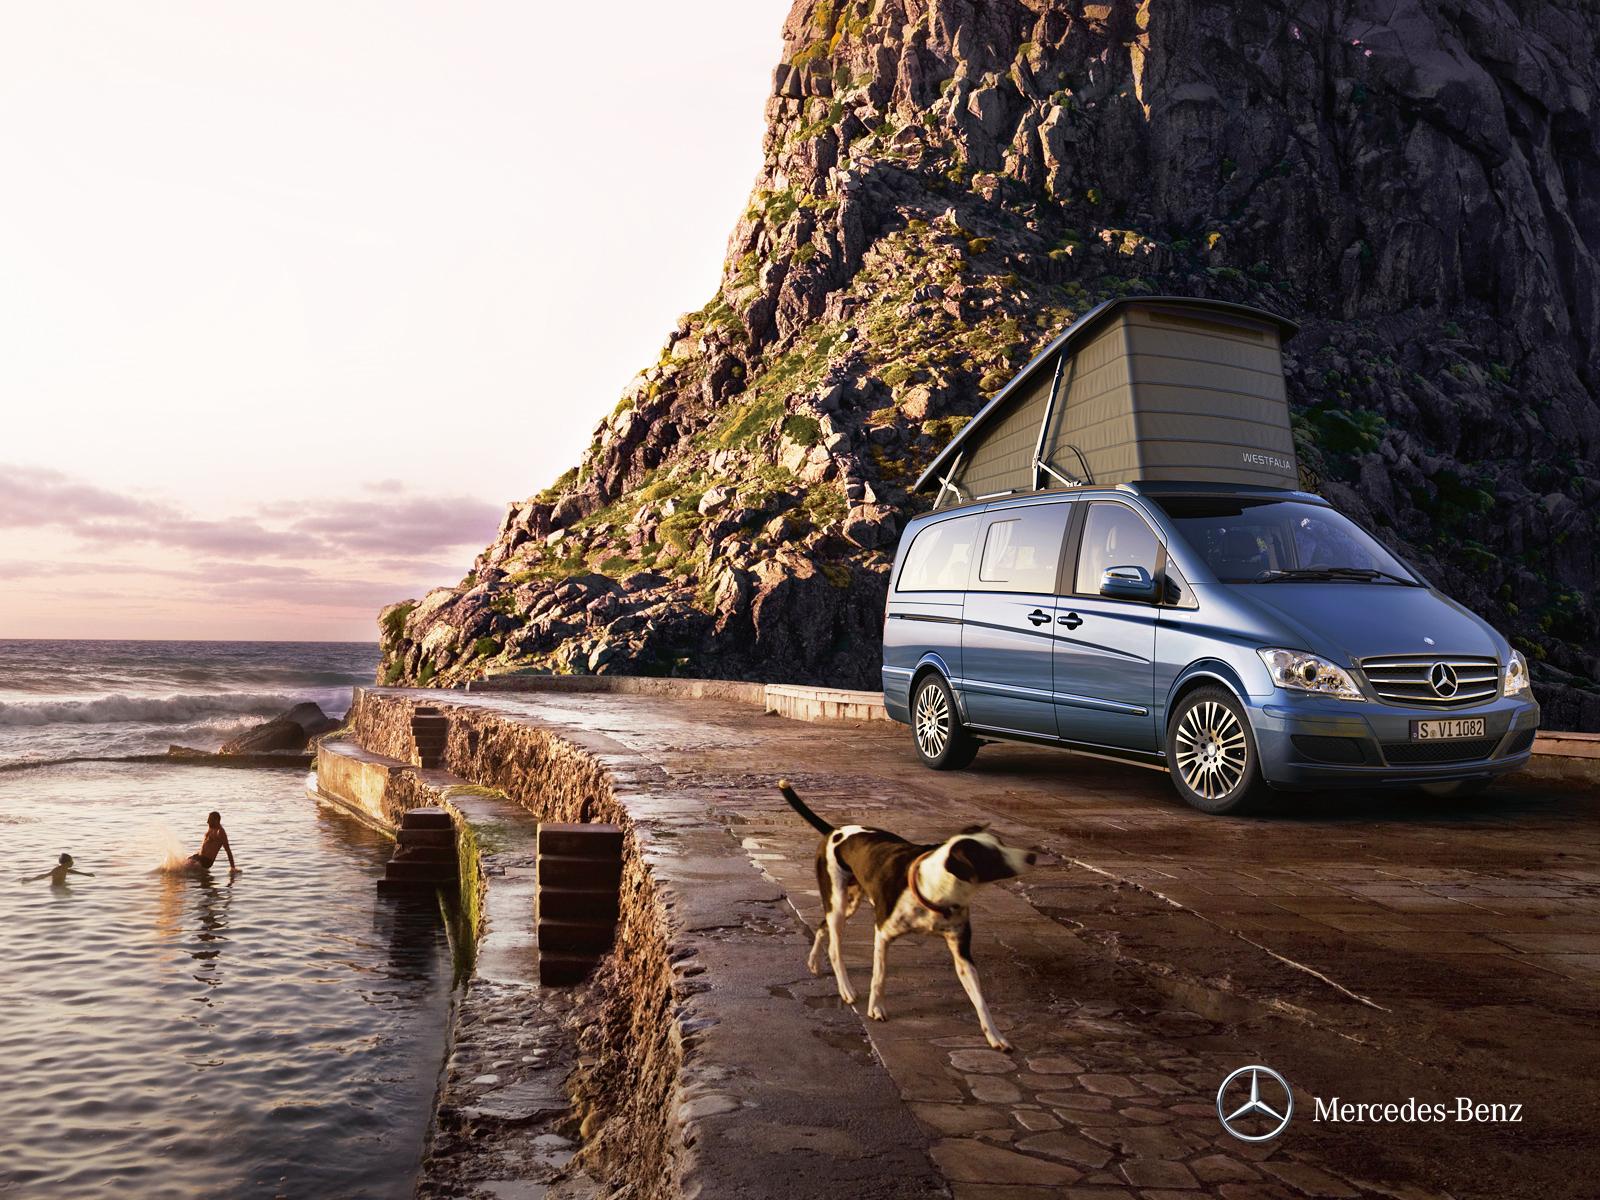 Mercedes-Benz Viano Marco Polo